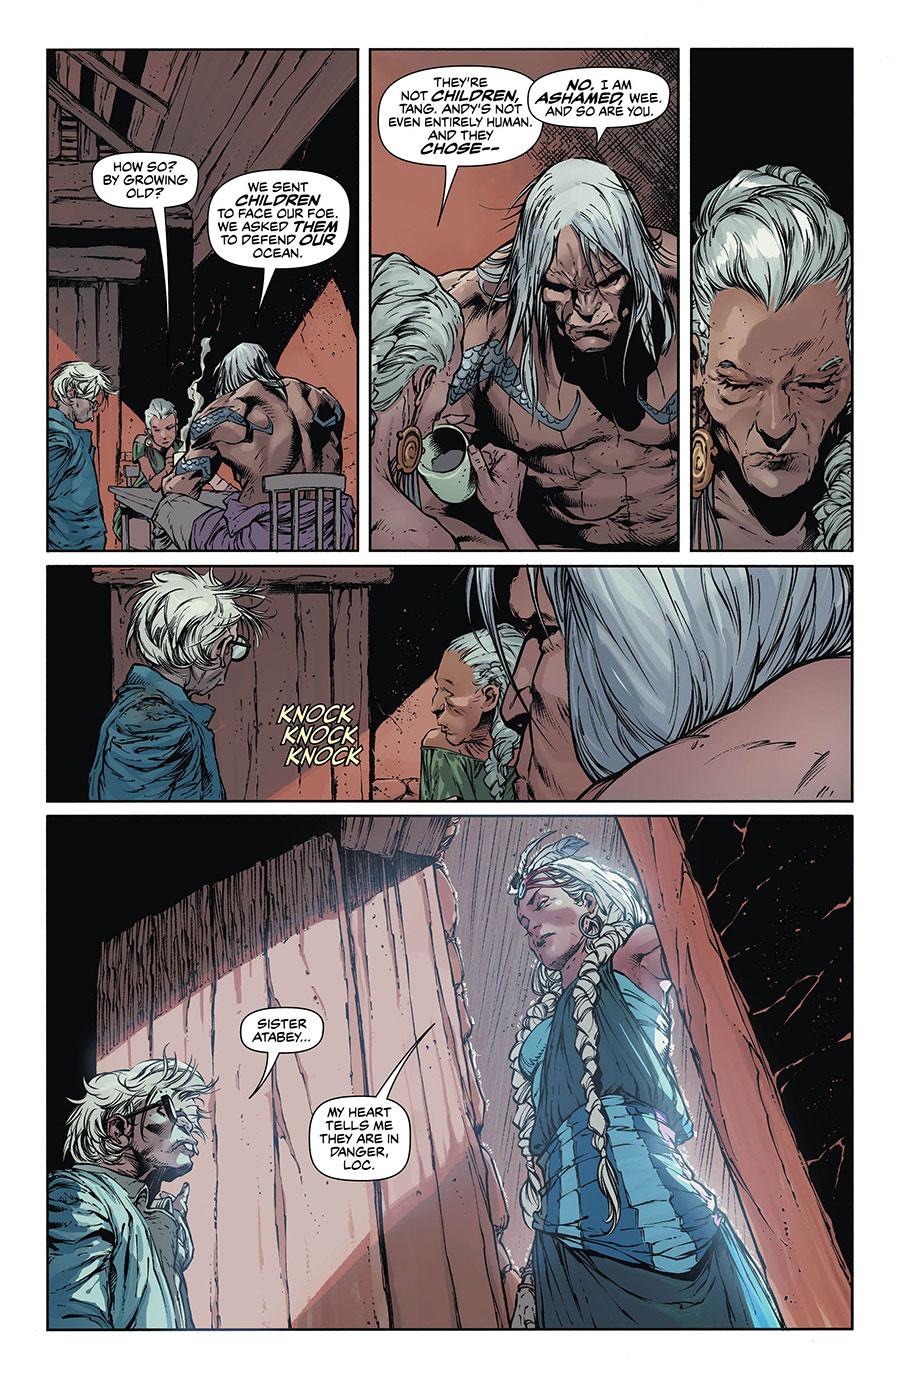 Aquaman_46_3 - DC Comics News